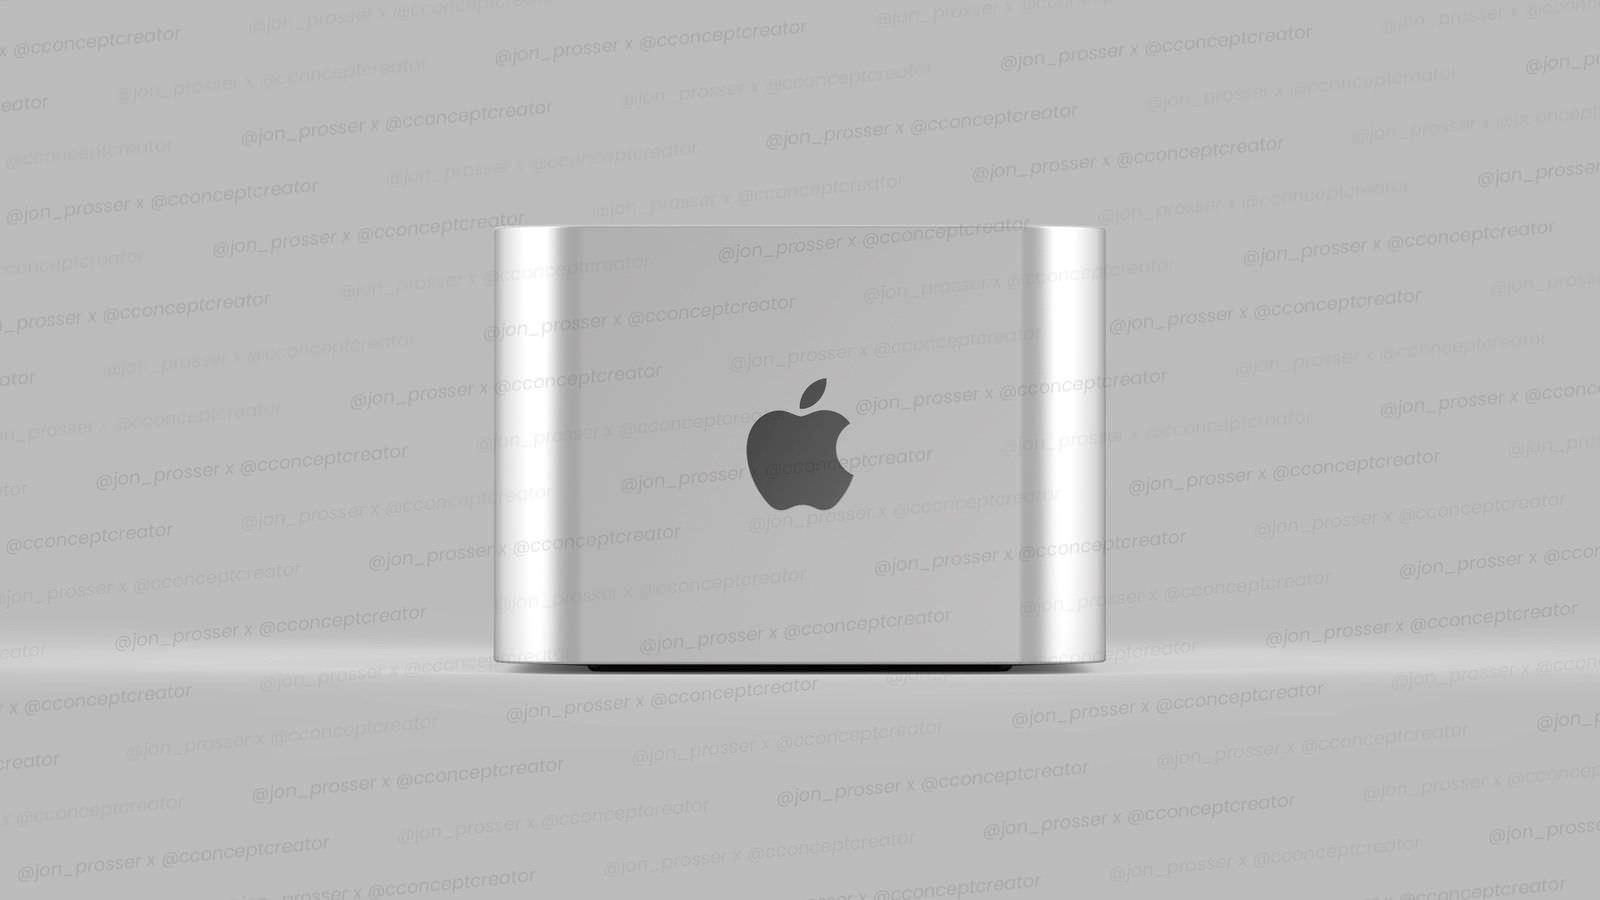 Mac Pro concept images